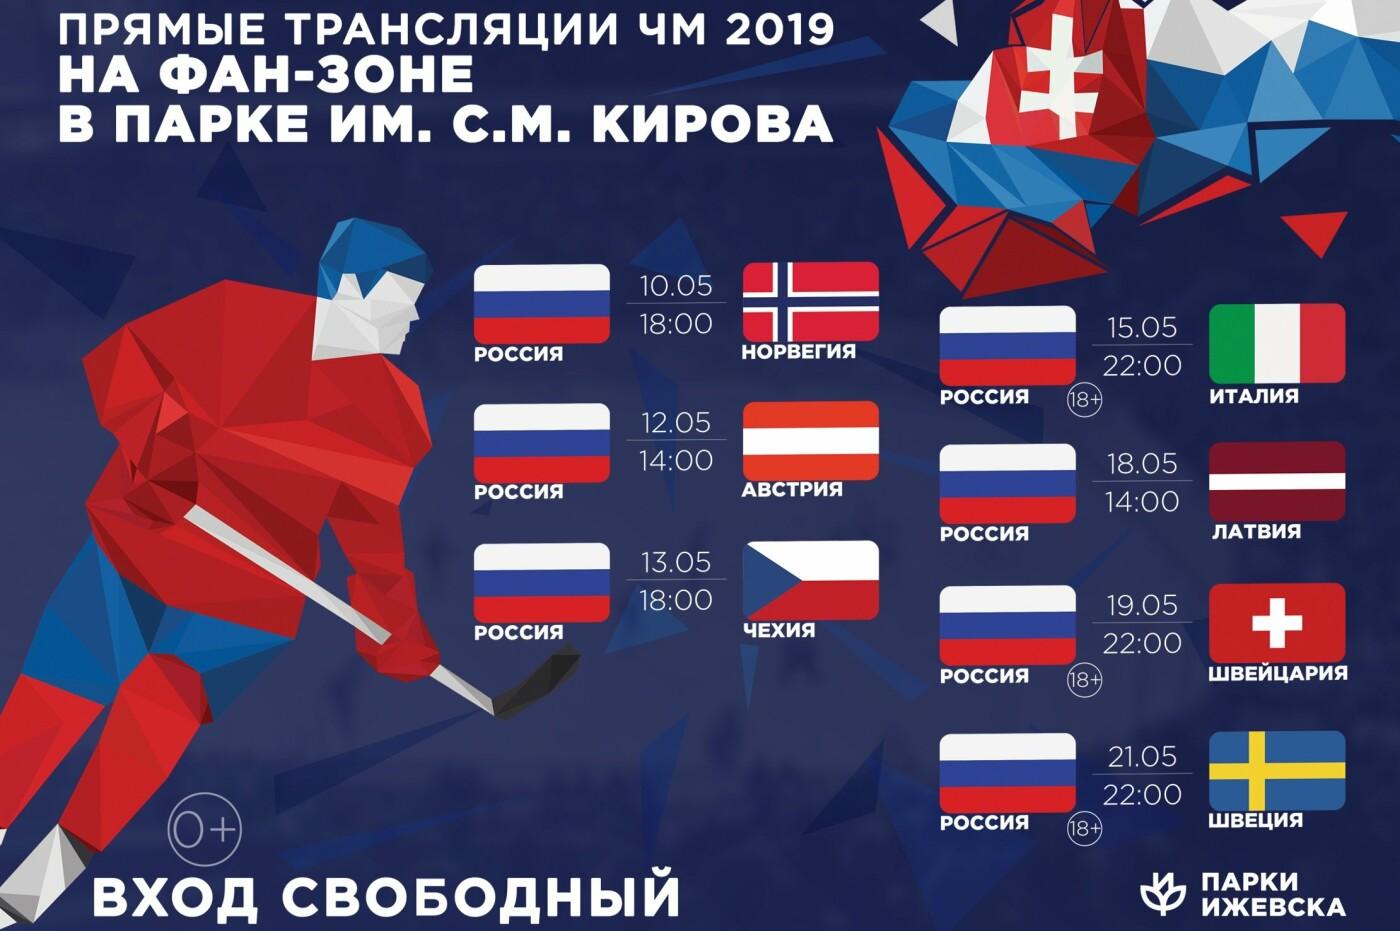 С 10 мая на Фан-зоне начнутся прямые трансляции чемпионата мира по хоккею, фото-1